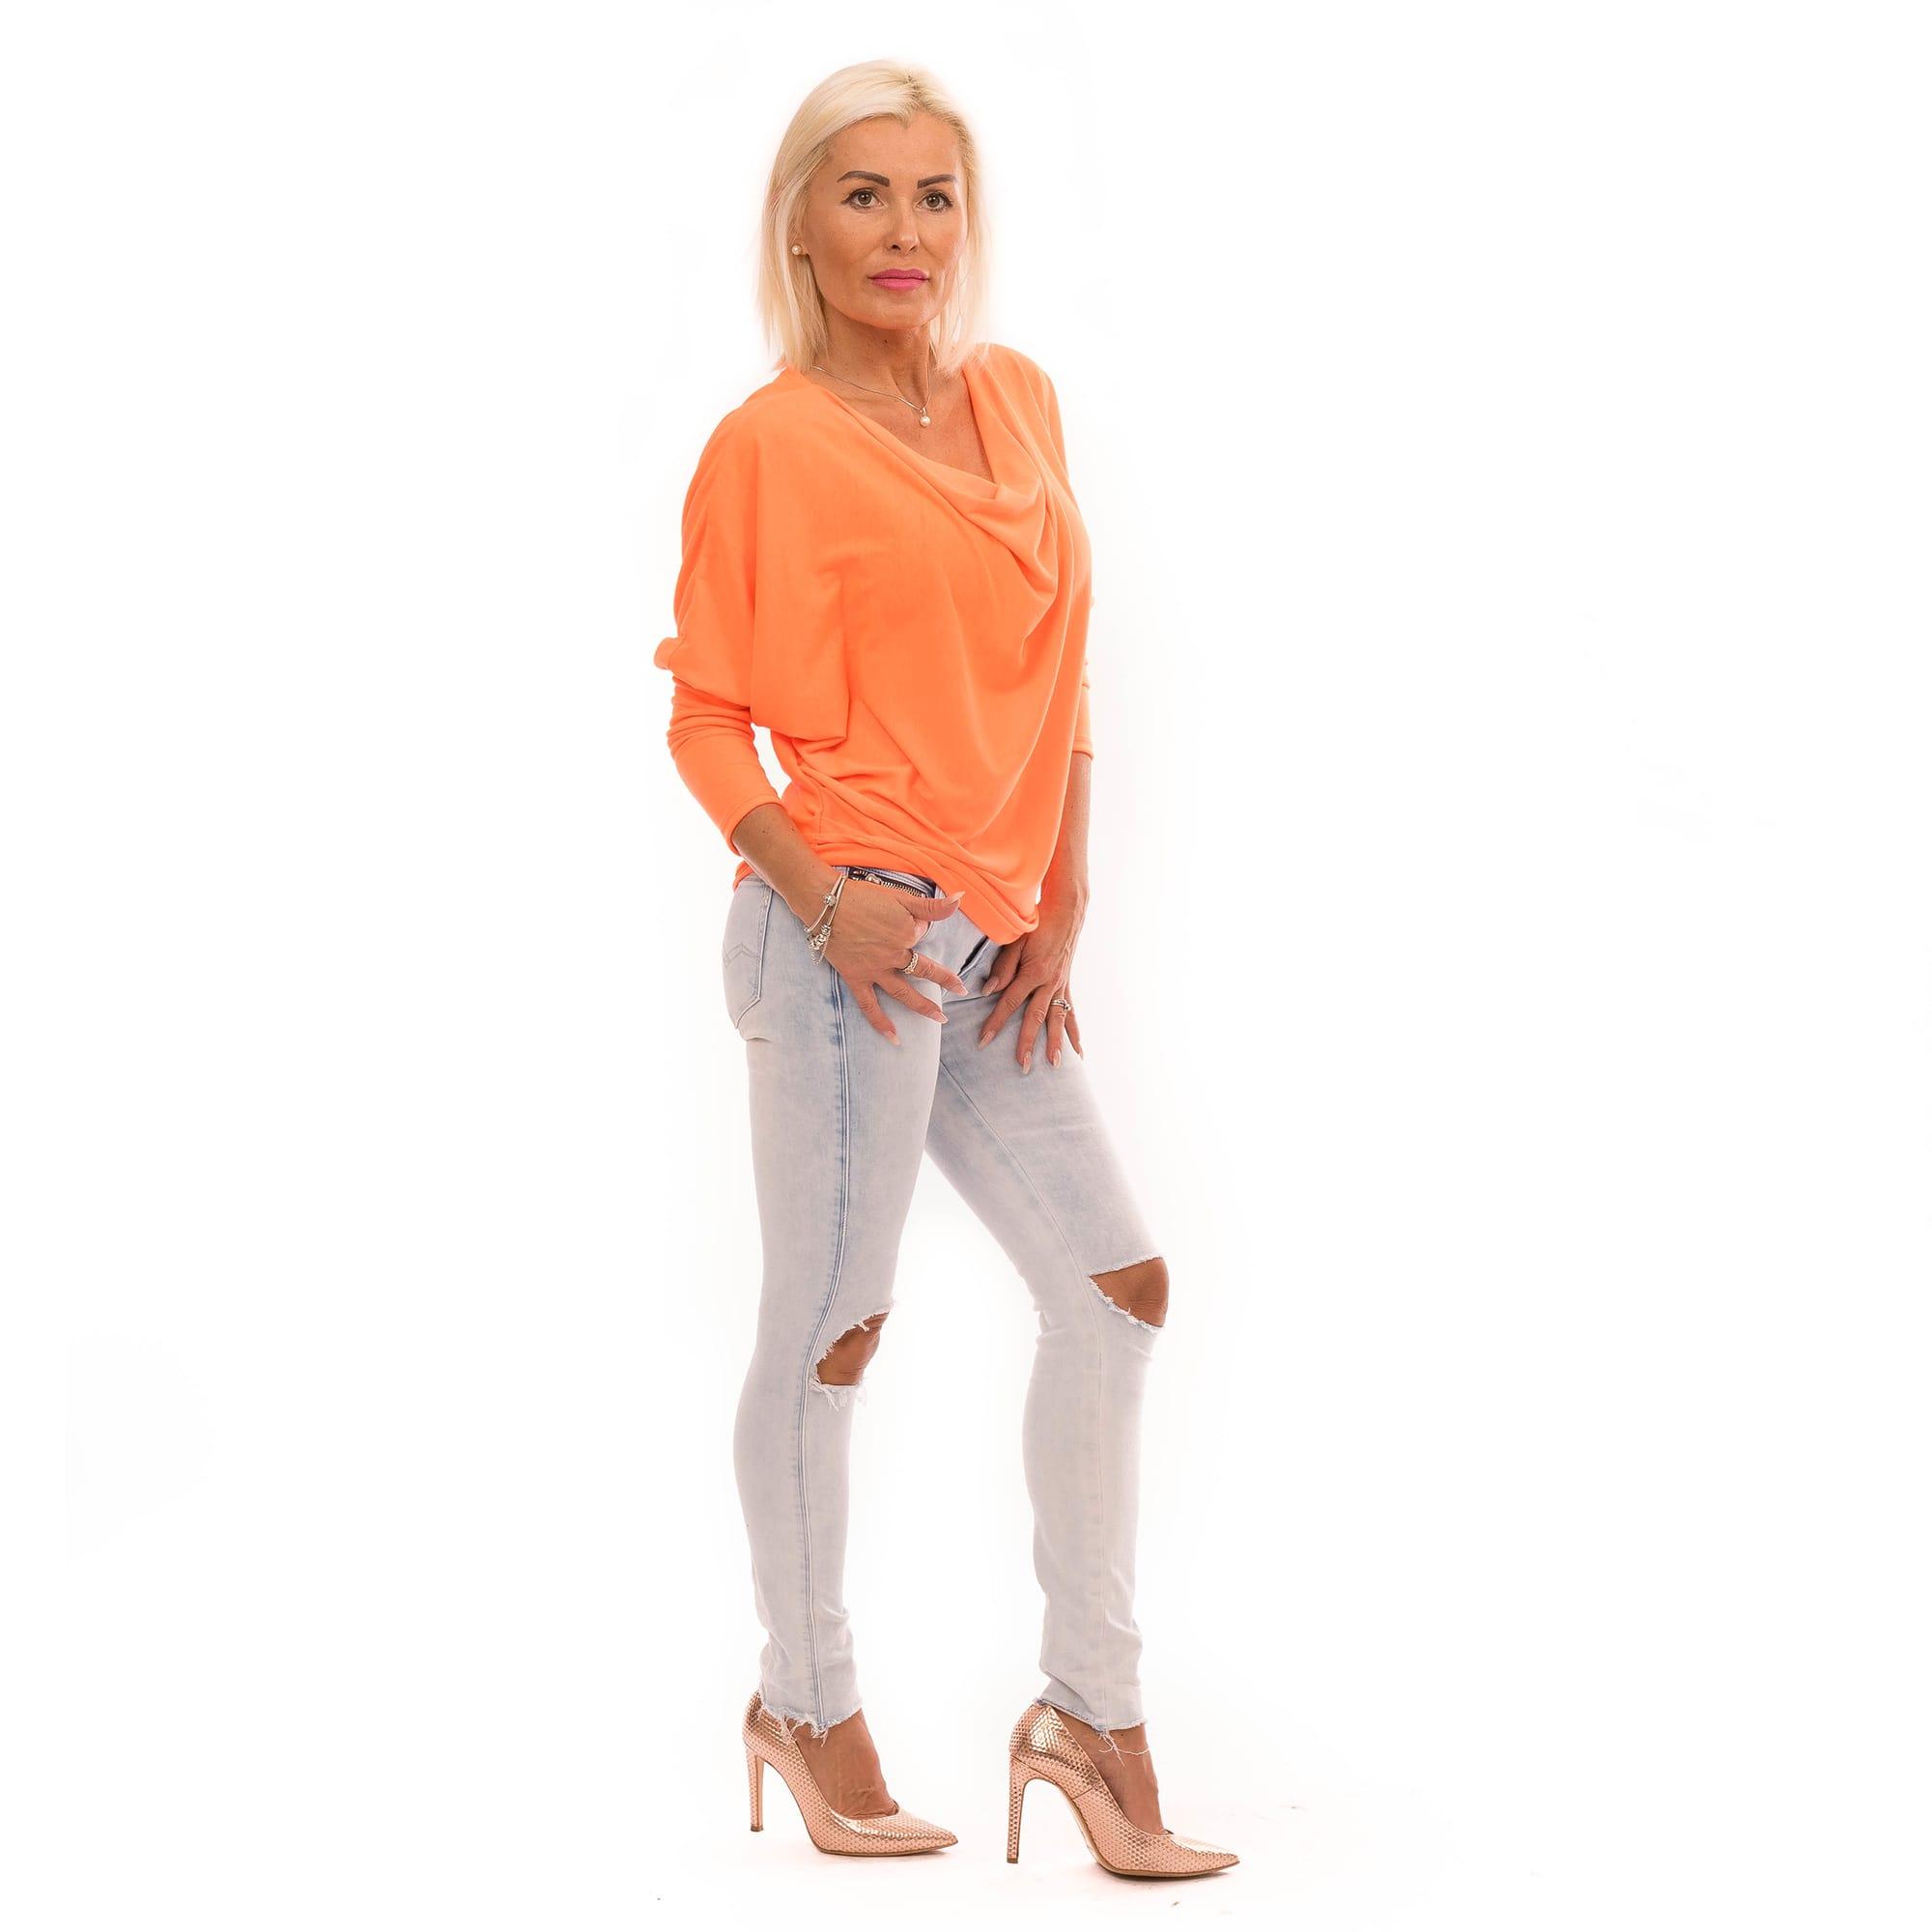 305c01da05fe ... Dámska móda a doplnky - Blúzka s výstrihom voda - Neon Orange ...